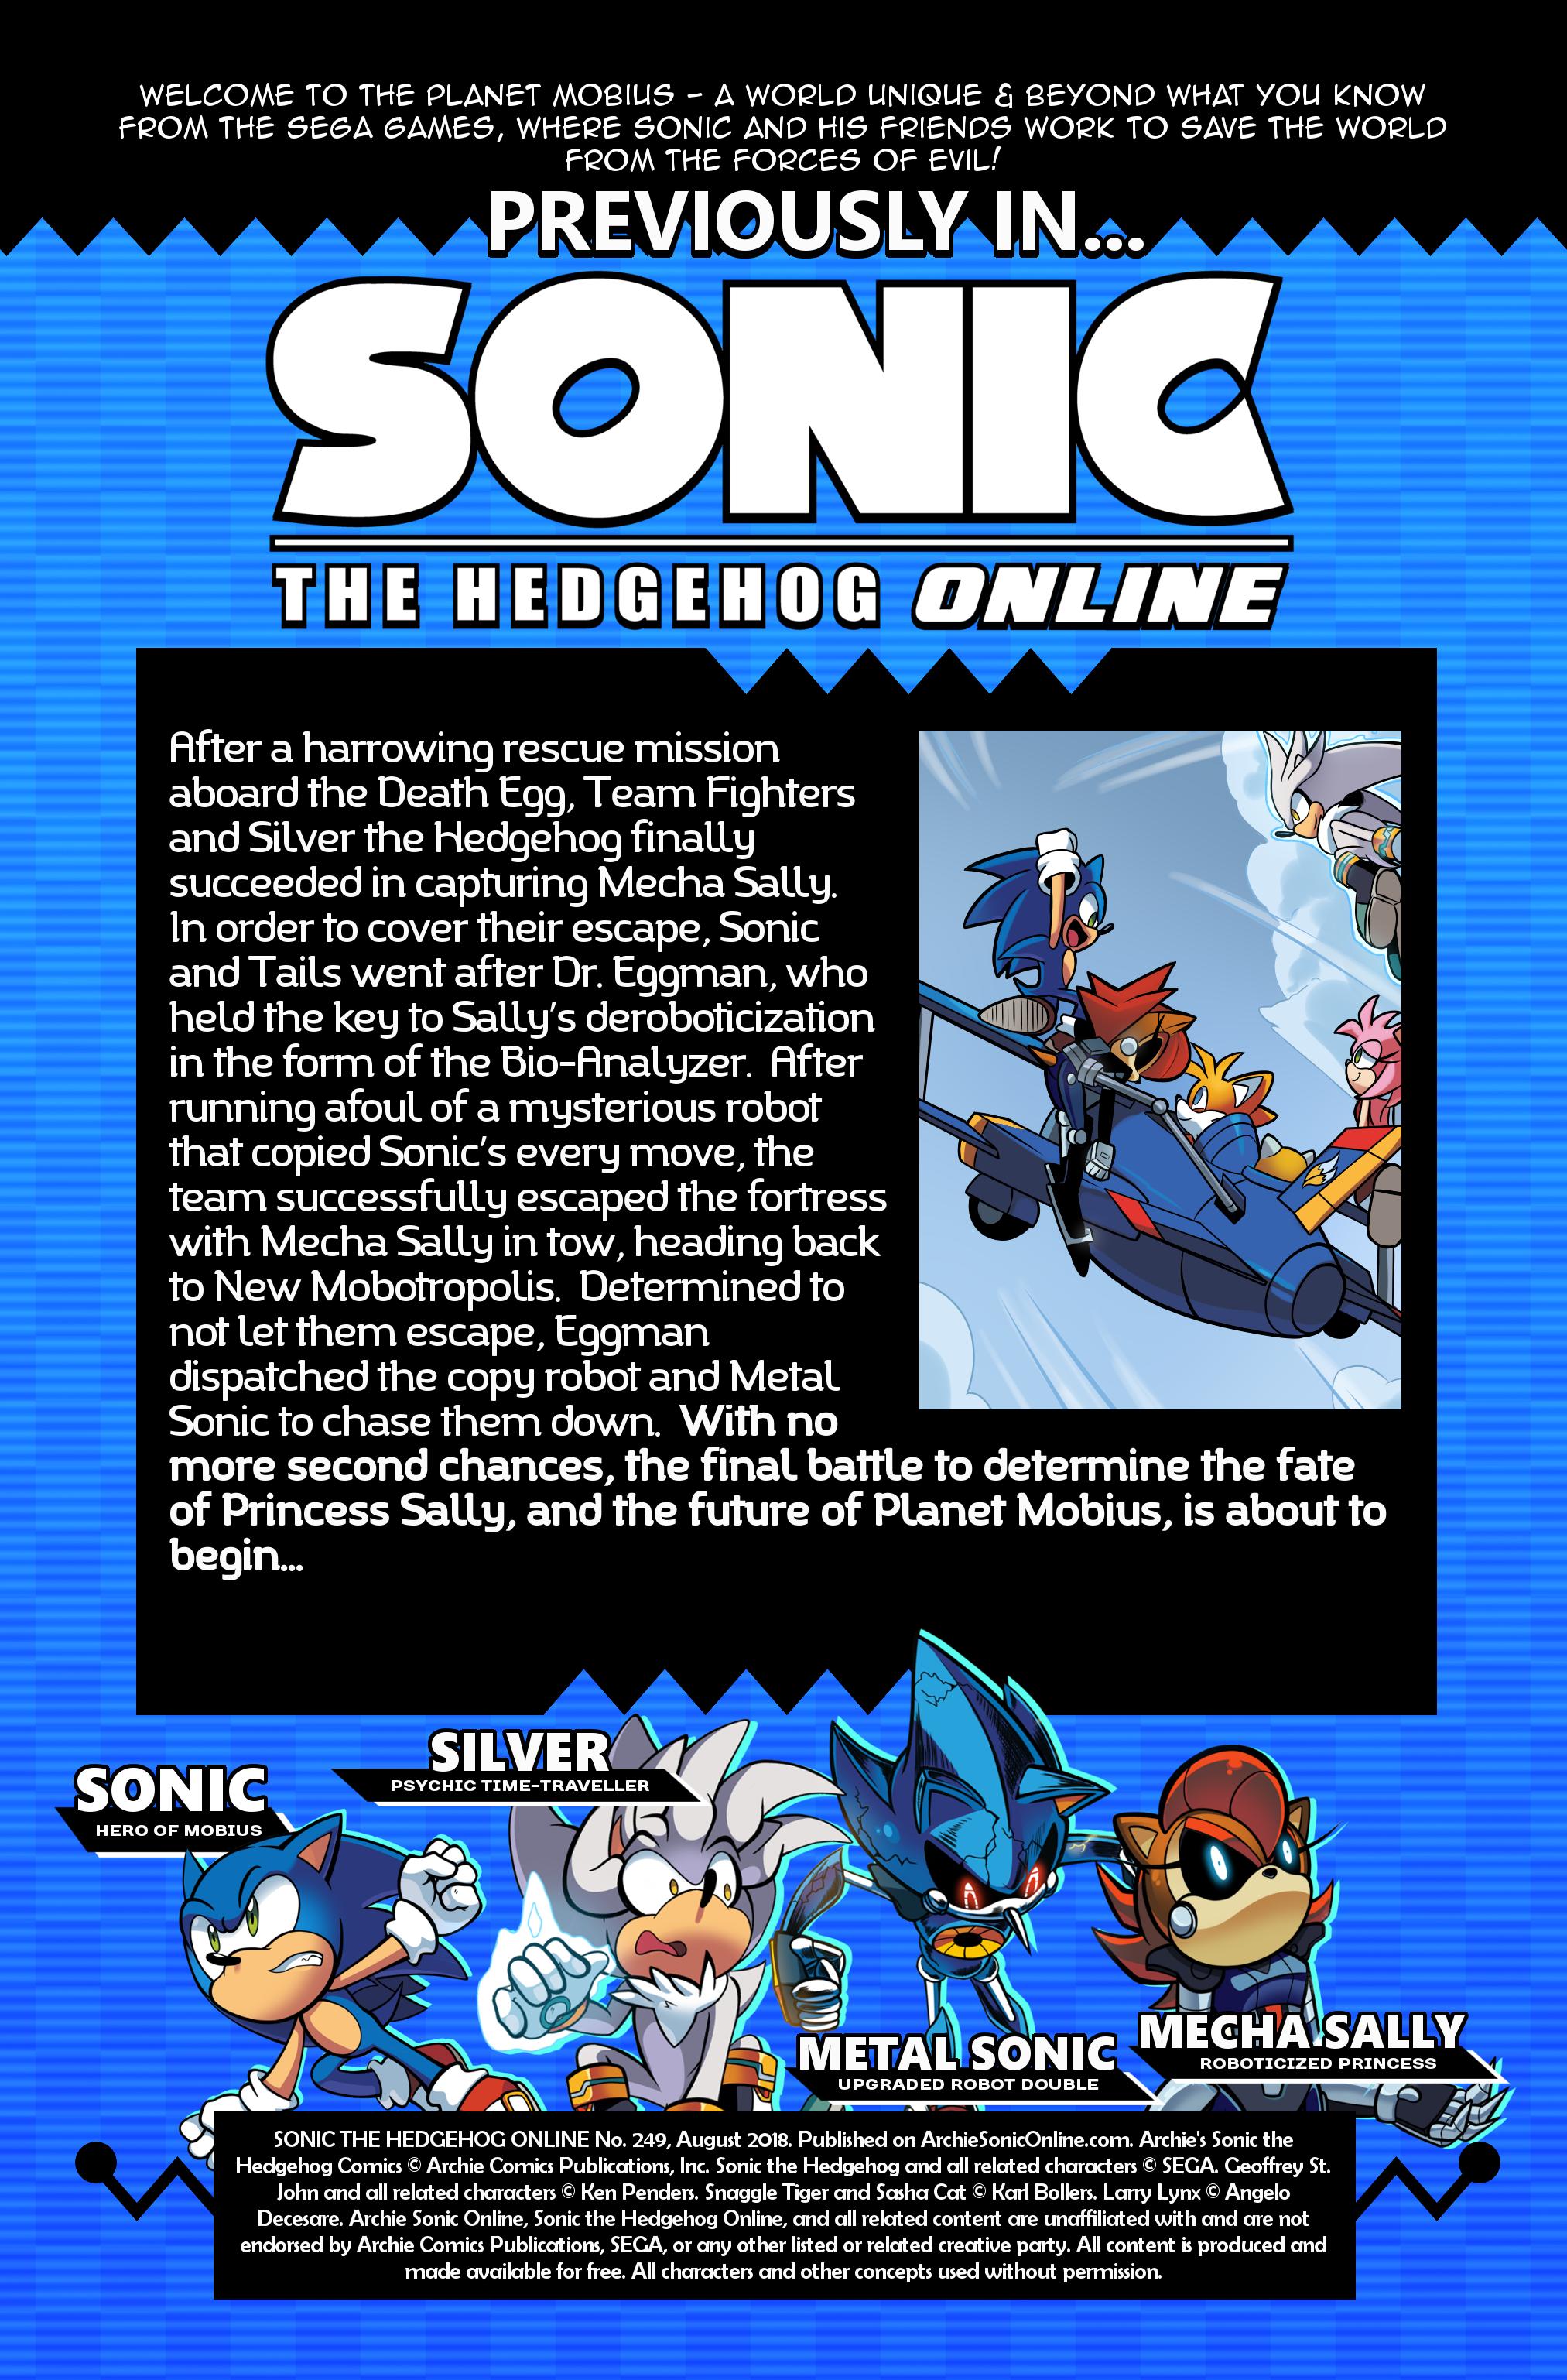 Sonic the Hedgehog Online #249 – Recap